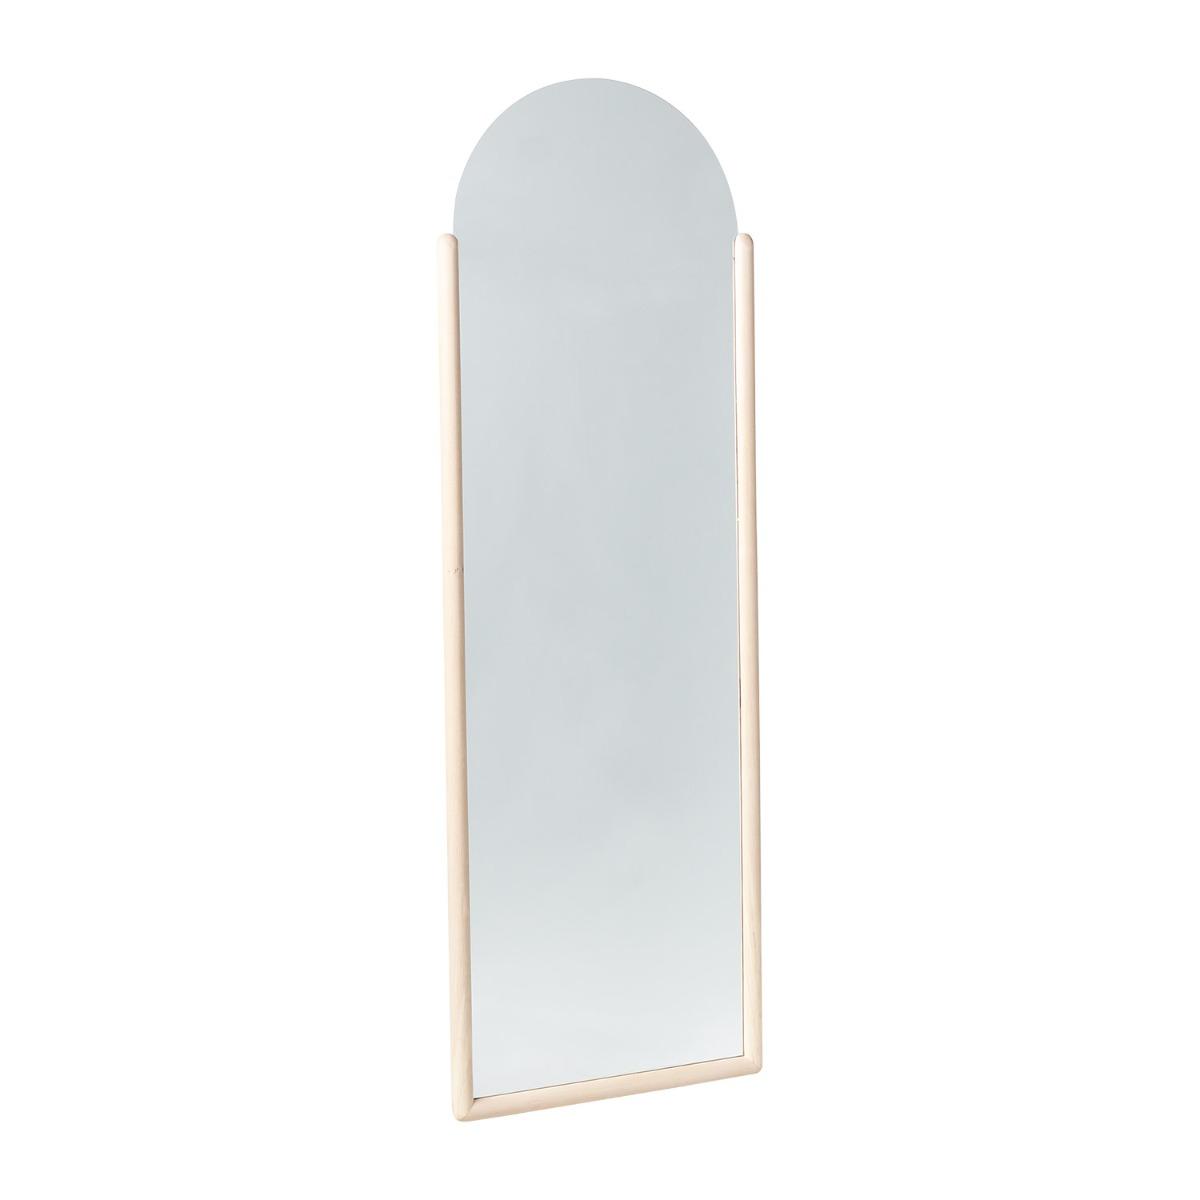 Designtorget Spegel DT Milo 48x143 cm